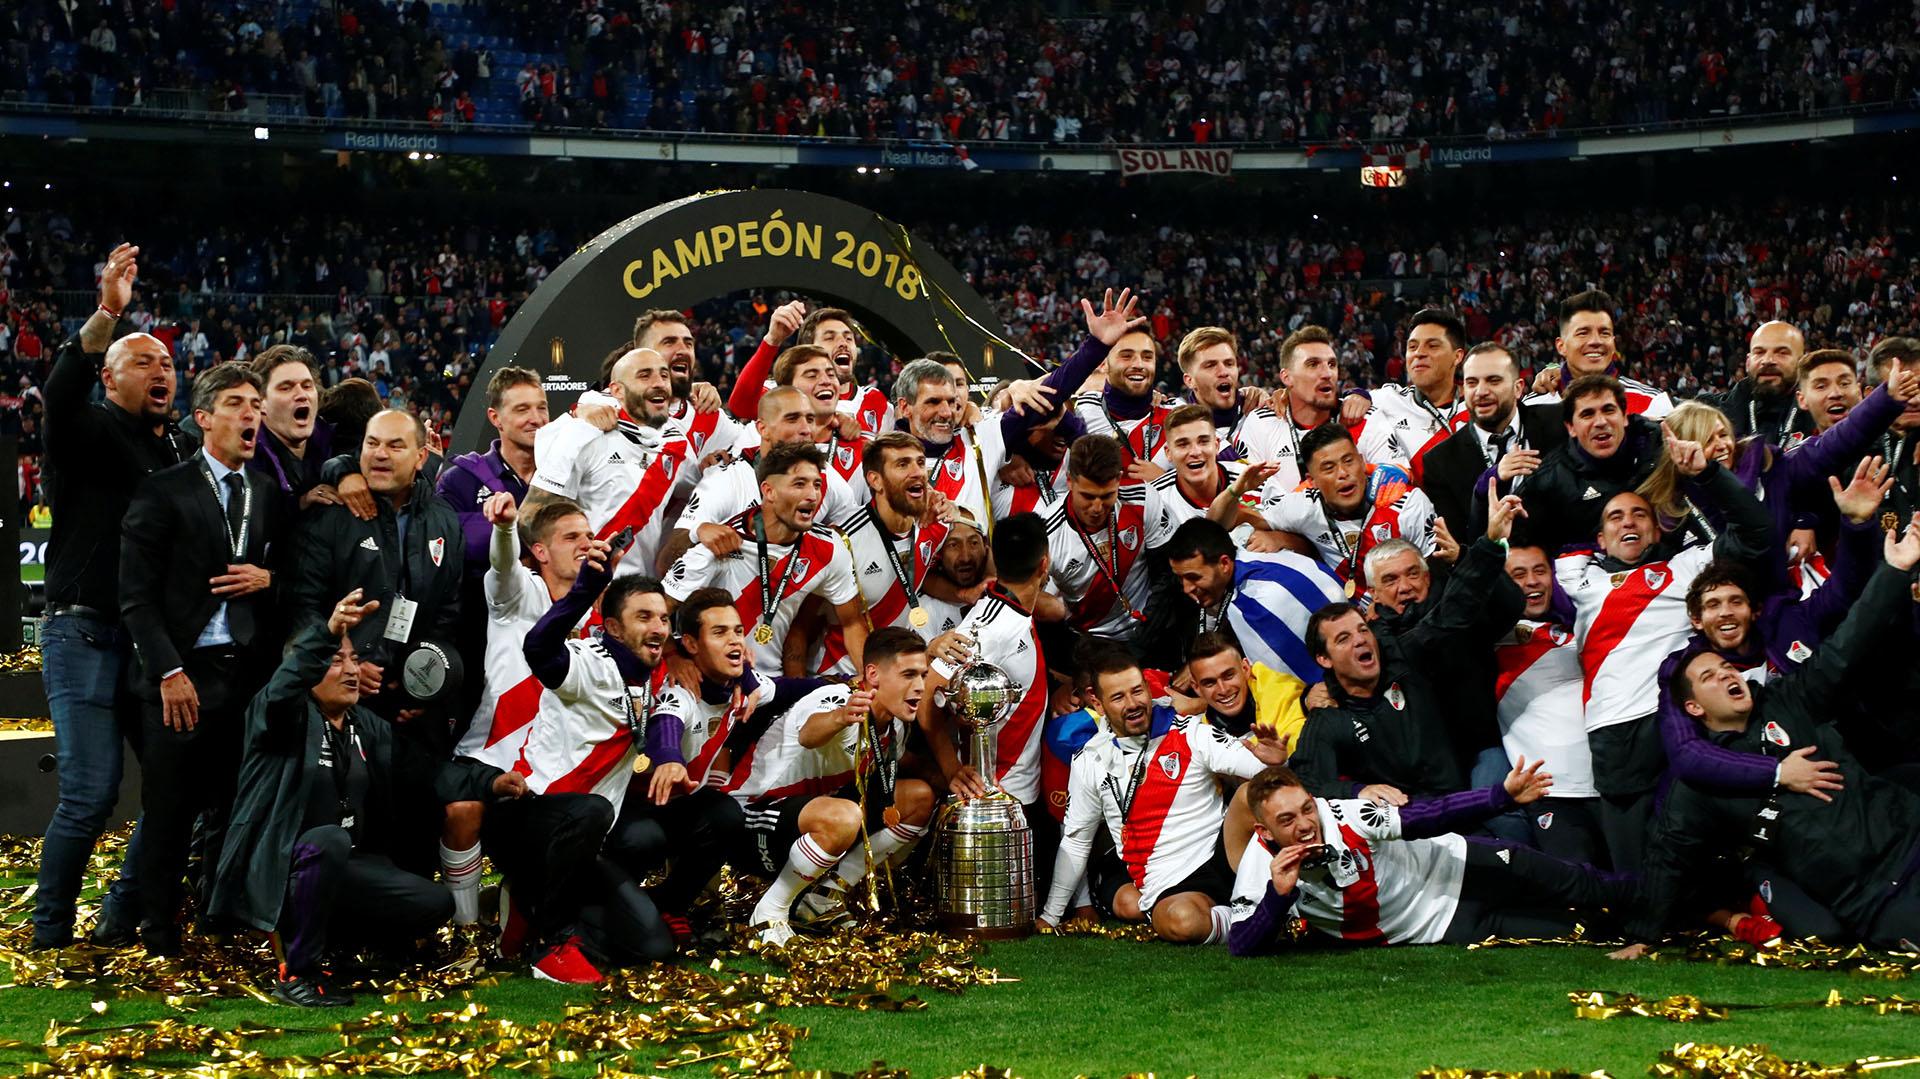 River campeón de la Copa Libertadores: le ganó a Boca en Madrid en una definición histórica - Infobae